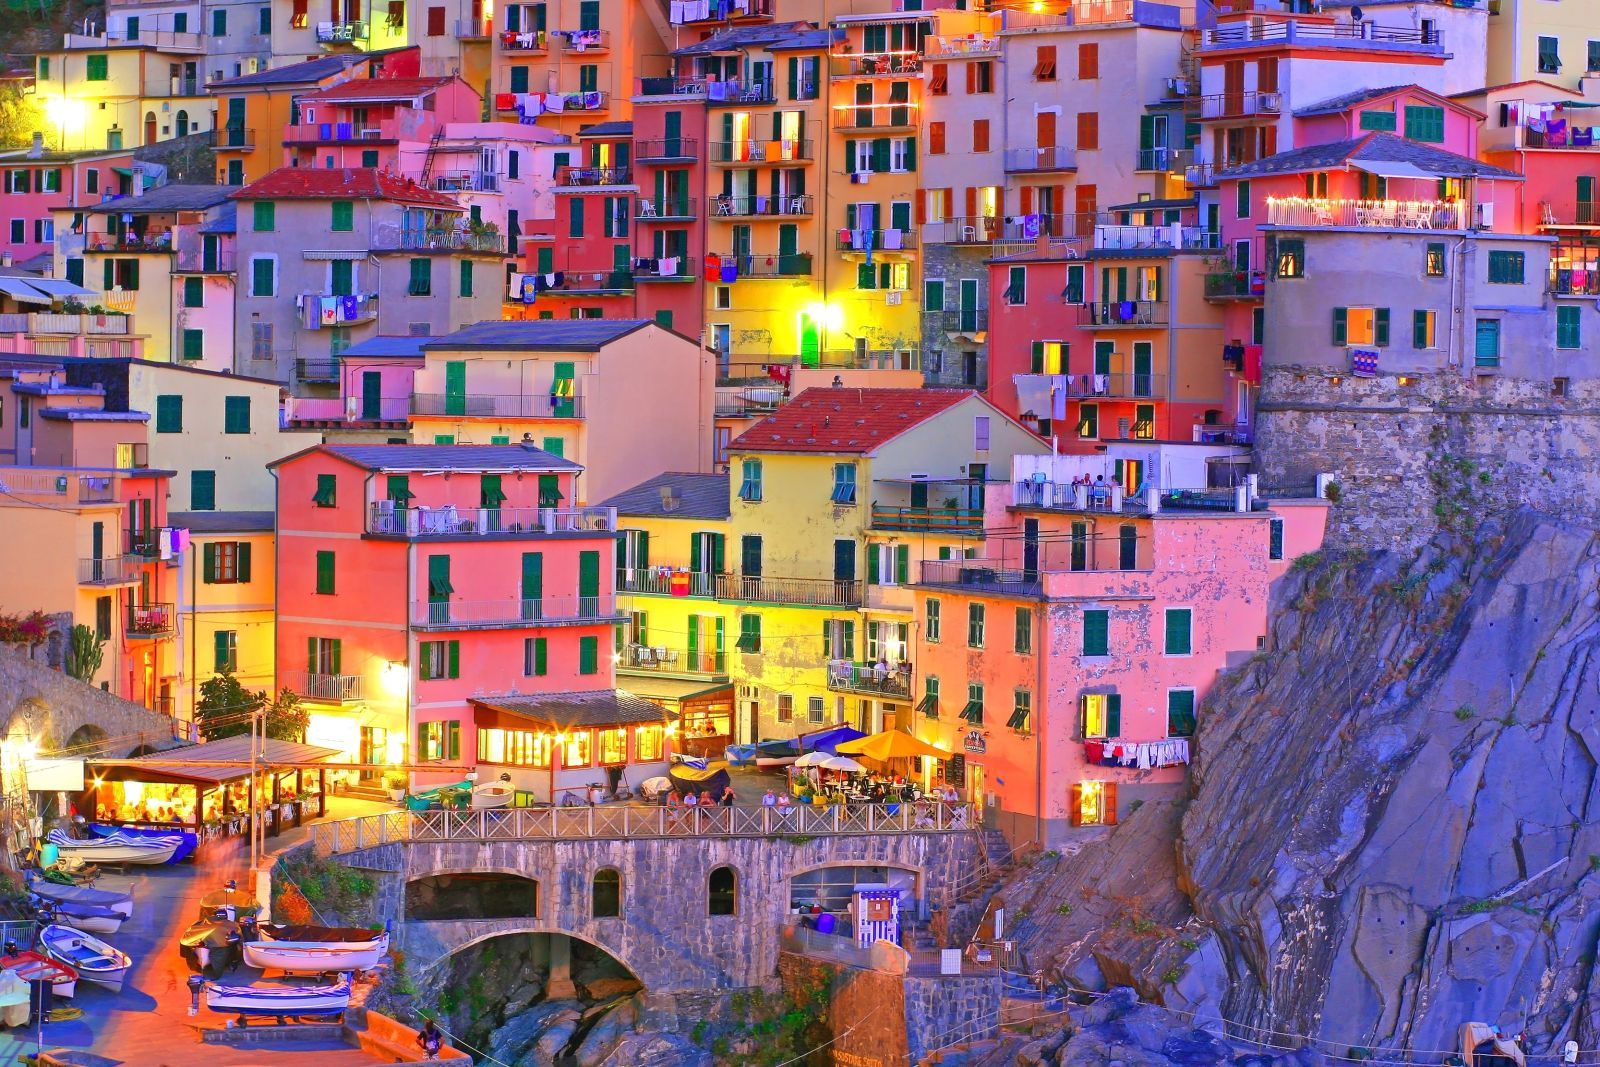 Maisons colorées à Manarola, Cinque Terre, Italie